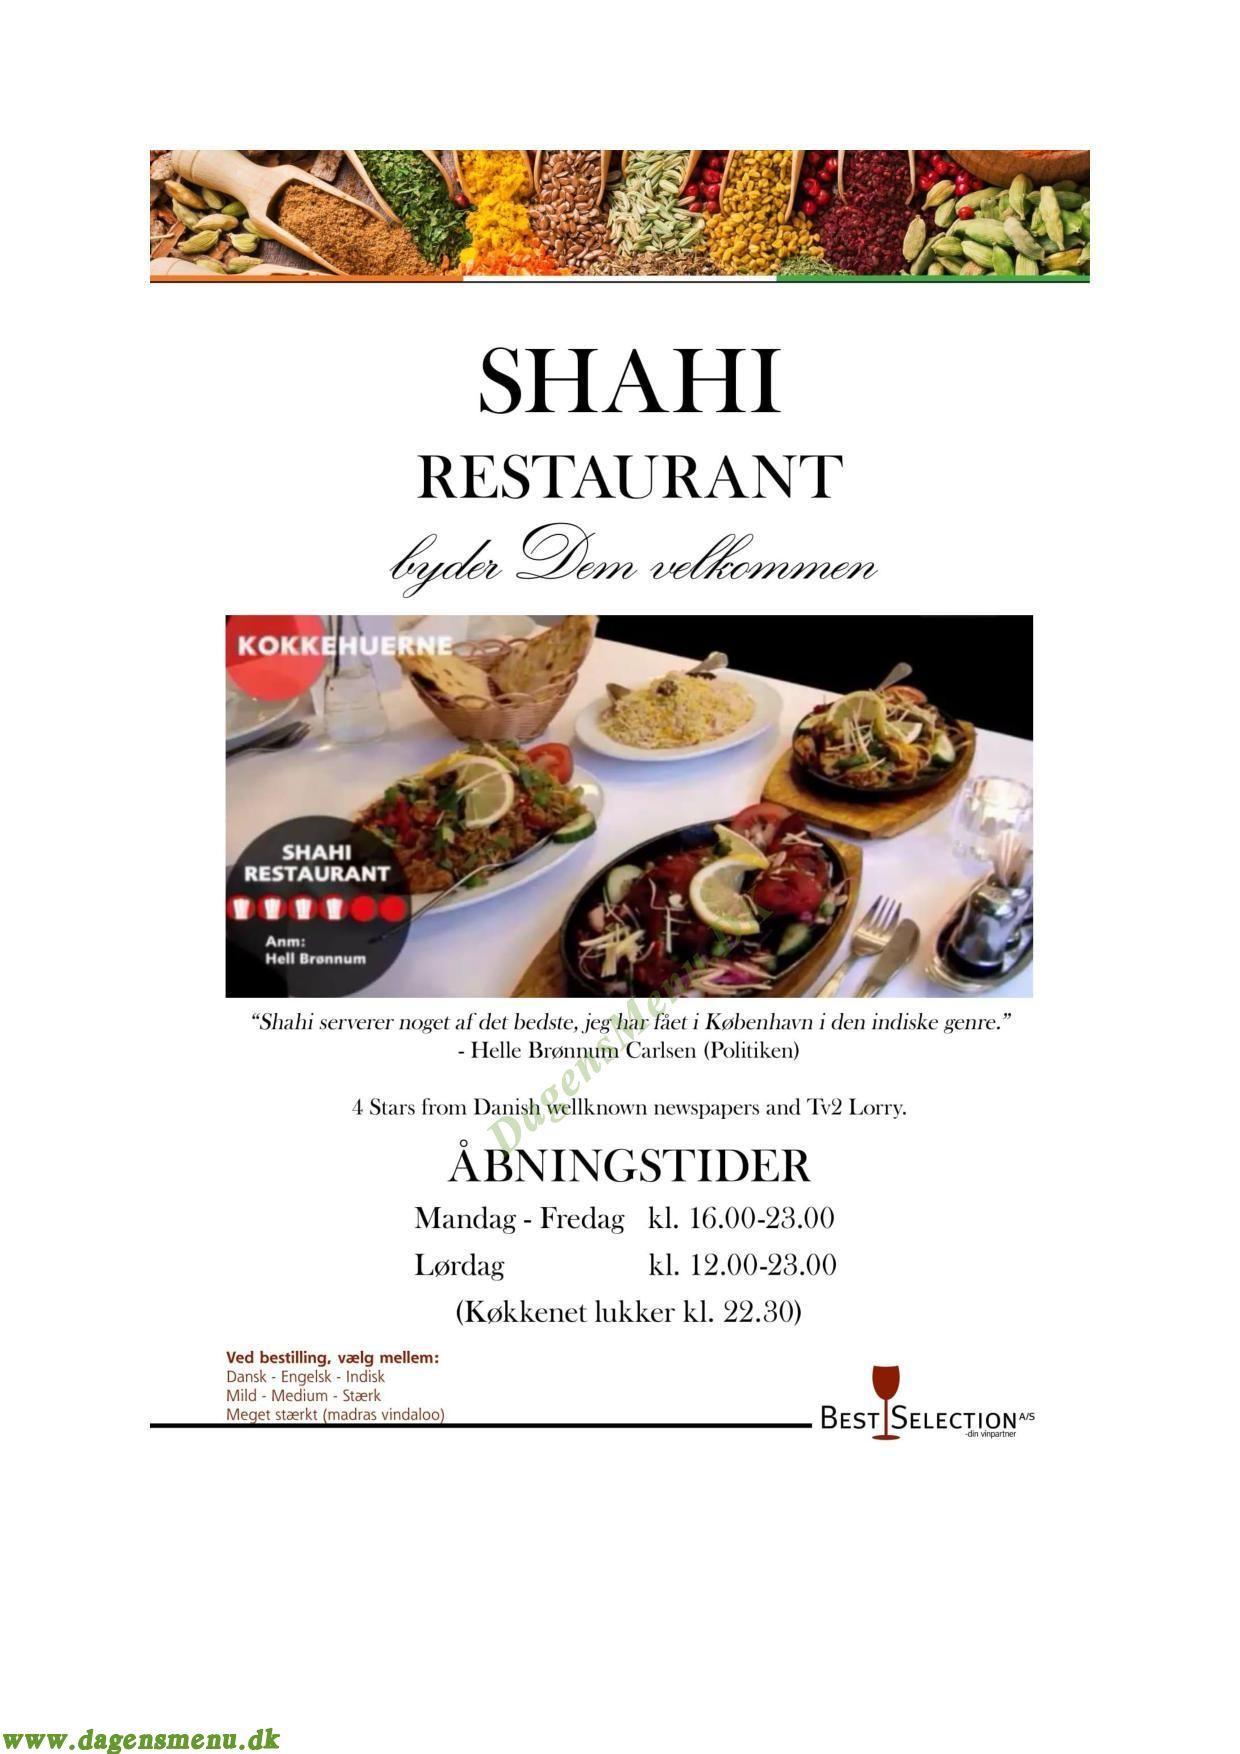 Shahi Indisk restaurant - Menukort